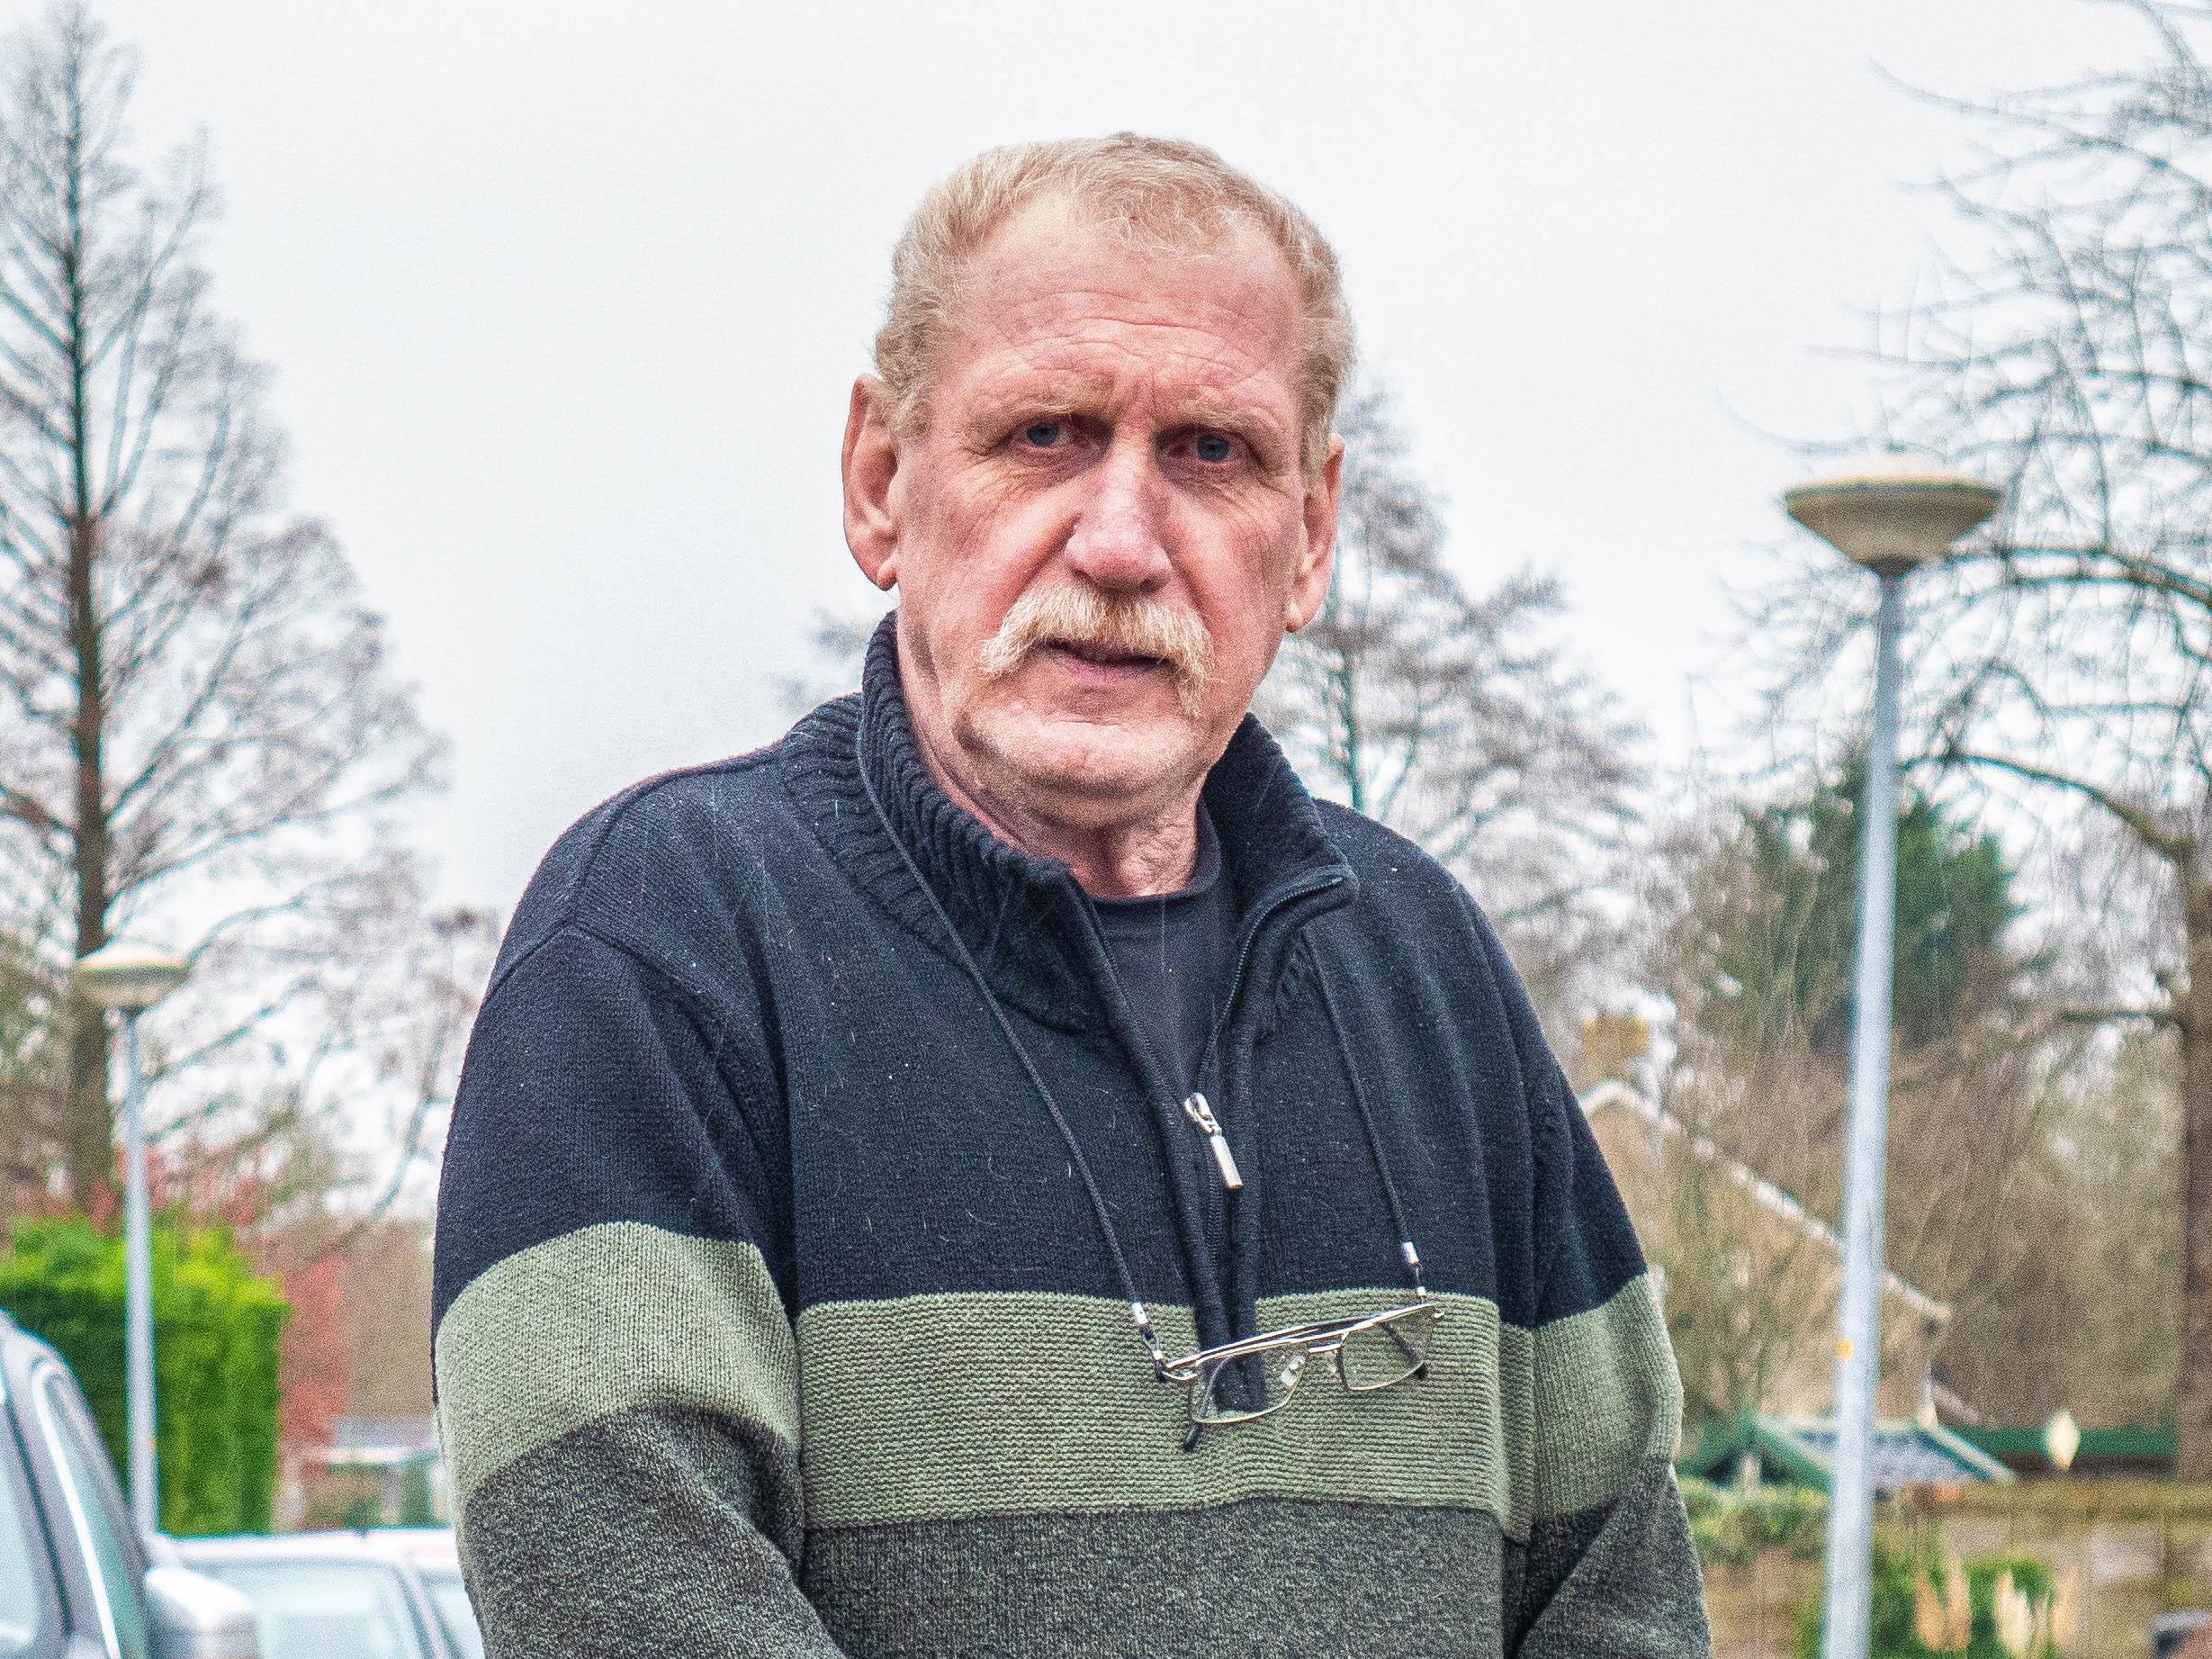 Agent Meindert Wijnia trekt na 47 jaar het uniform uit. 'Het ergste? Als je de ouders moet vertellen dat hun kind niet meer thuis komt. Dat went nooit'